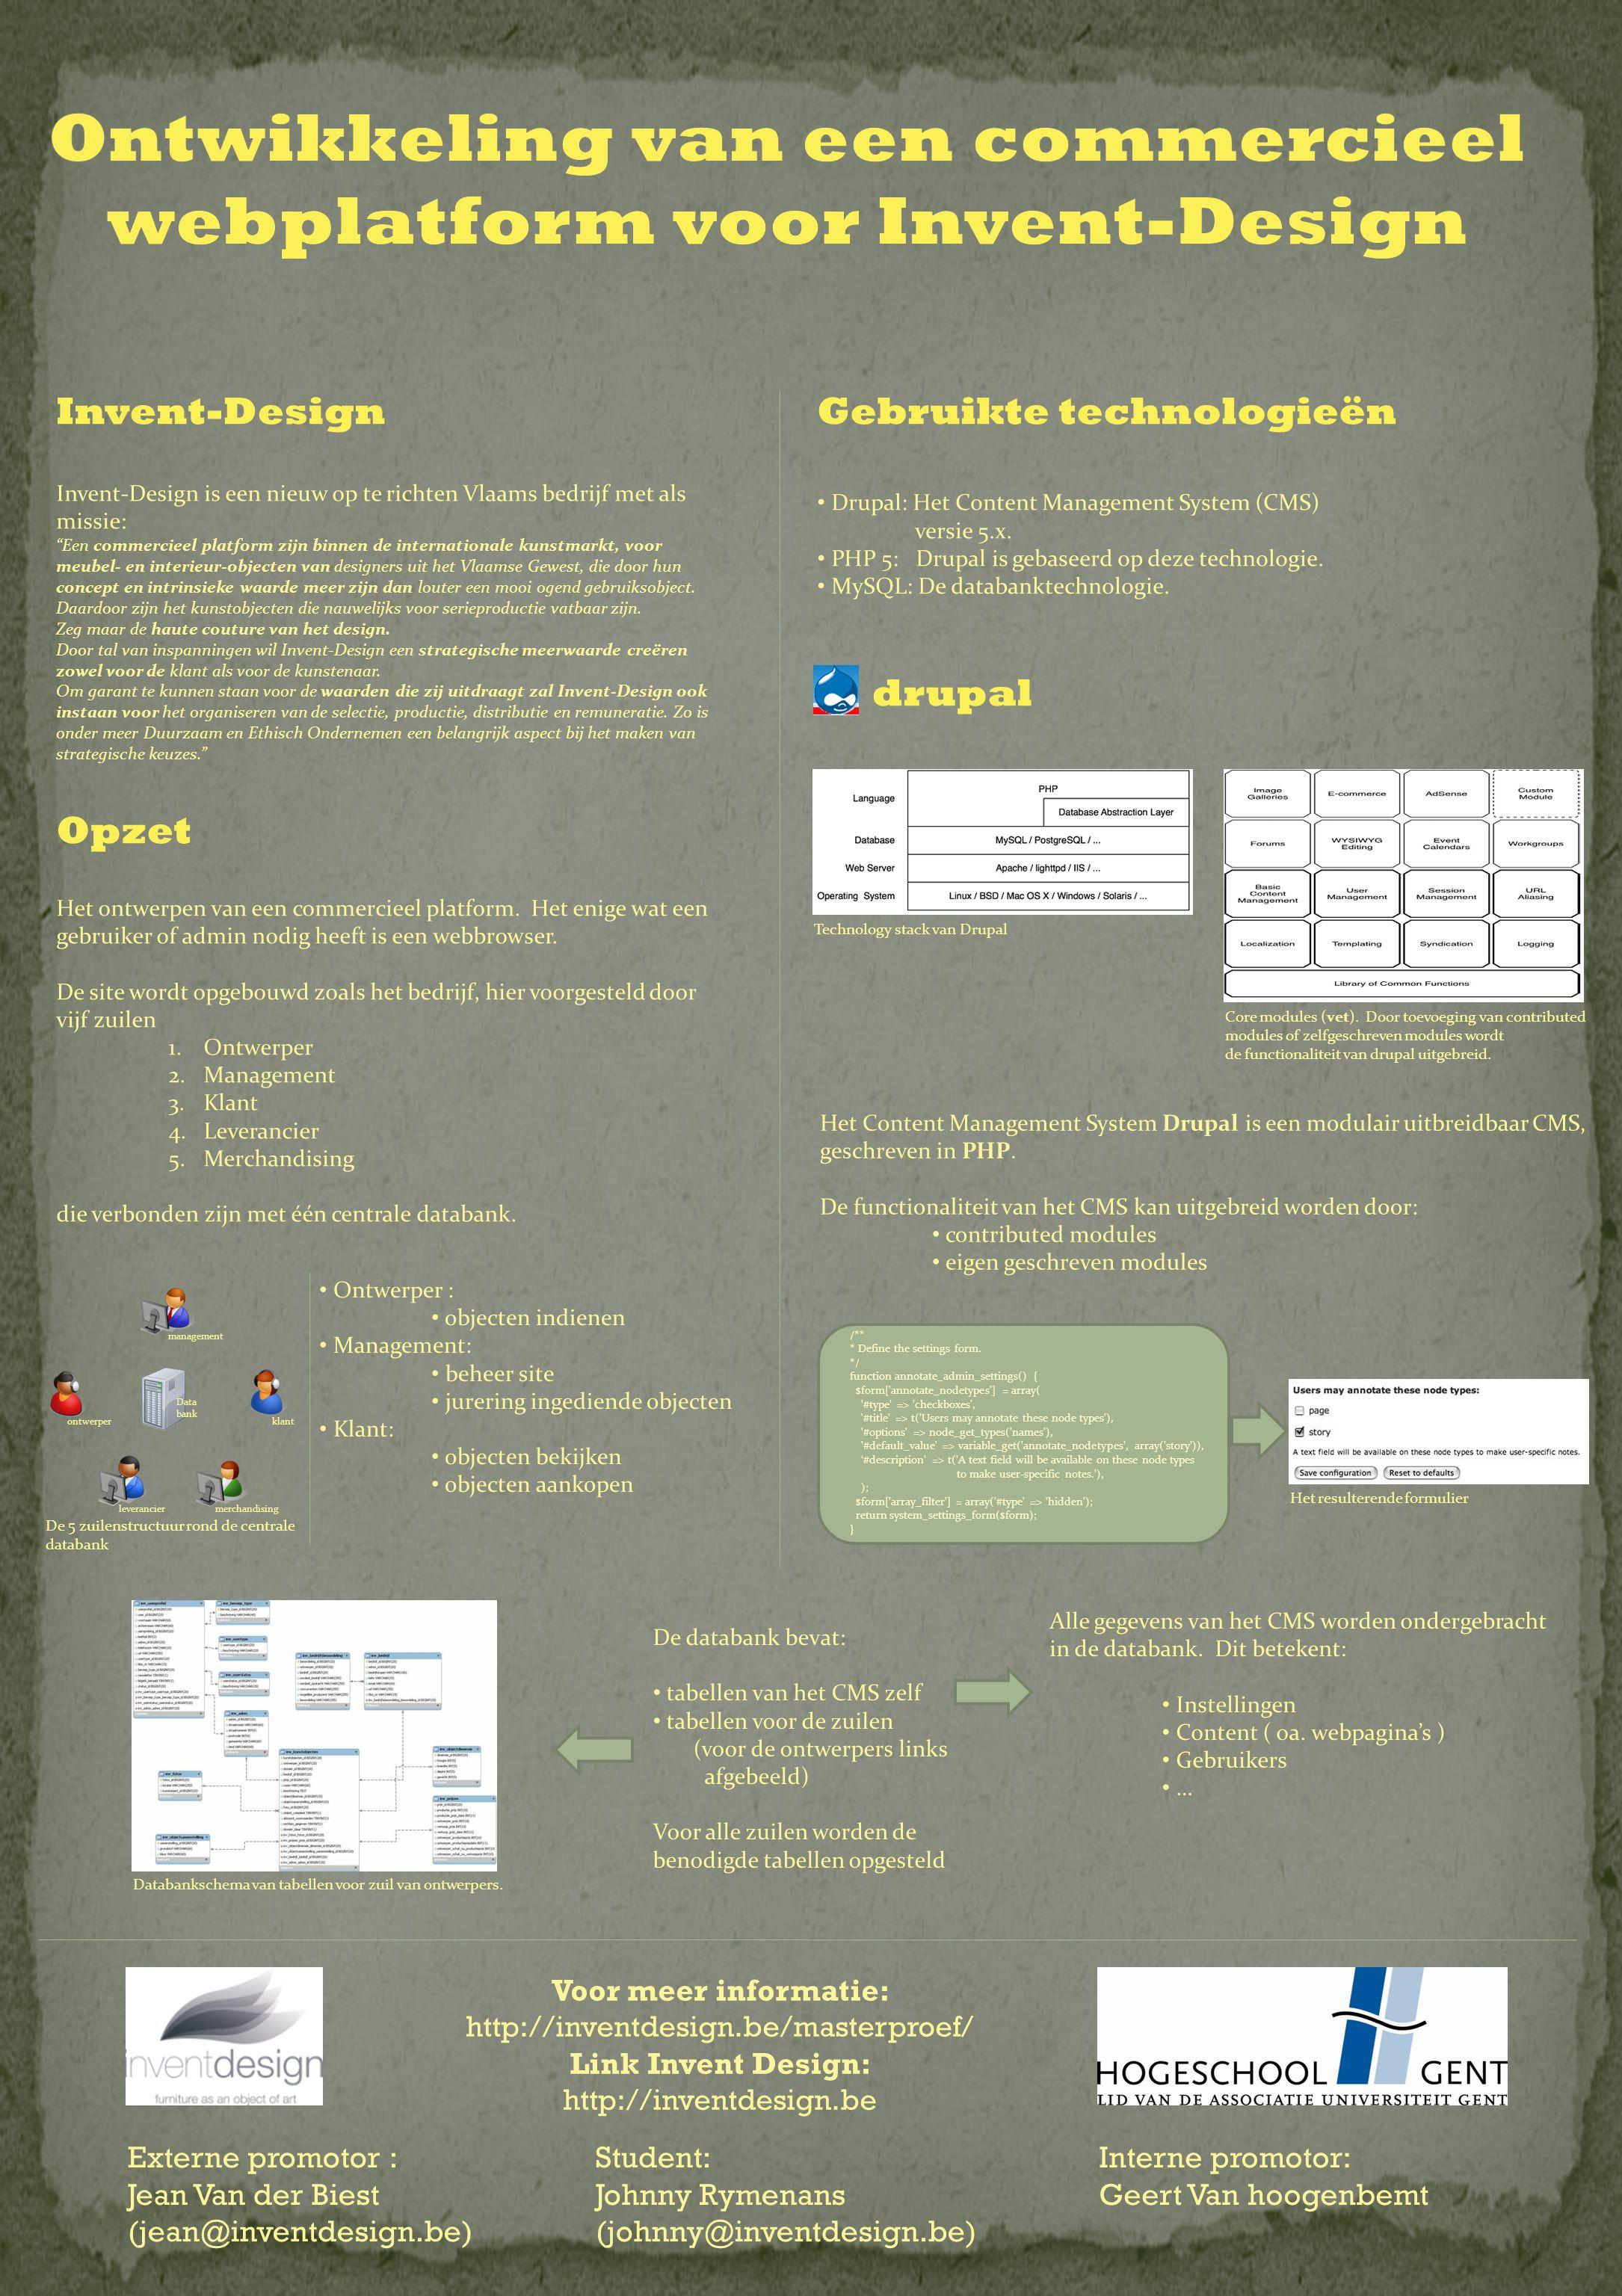 Voor meer informatie: http://inventdesign.be/masterproef/ Link Invent Design: http://inventdesign.be Externe promotor : Jean Van der Biest (jean@inventdesign.be) Interne promotor: Geert Van hoogenbemt Student: Johnny Rymenans (johnny@inventdesign.be) Het Content Management System Drupal is een modulair uitbreidbaar CMS, geschreven in PHP.